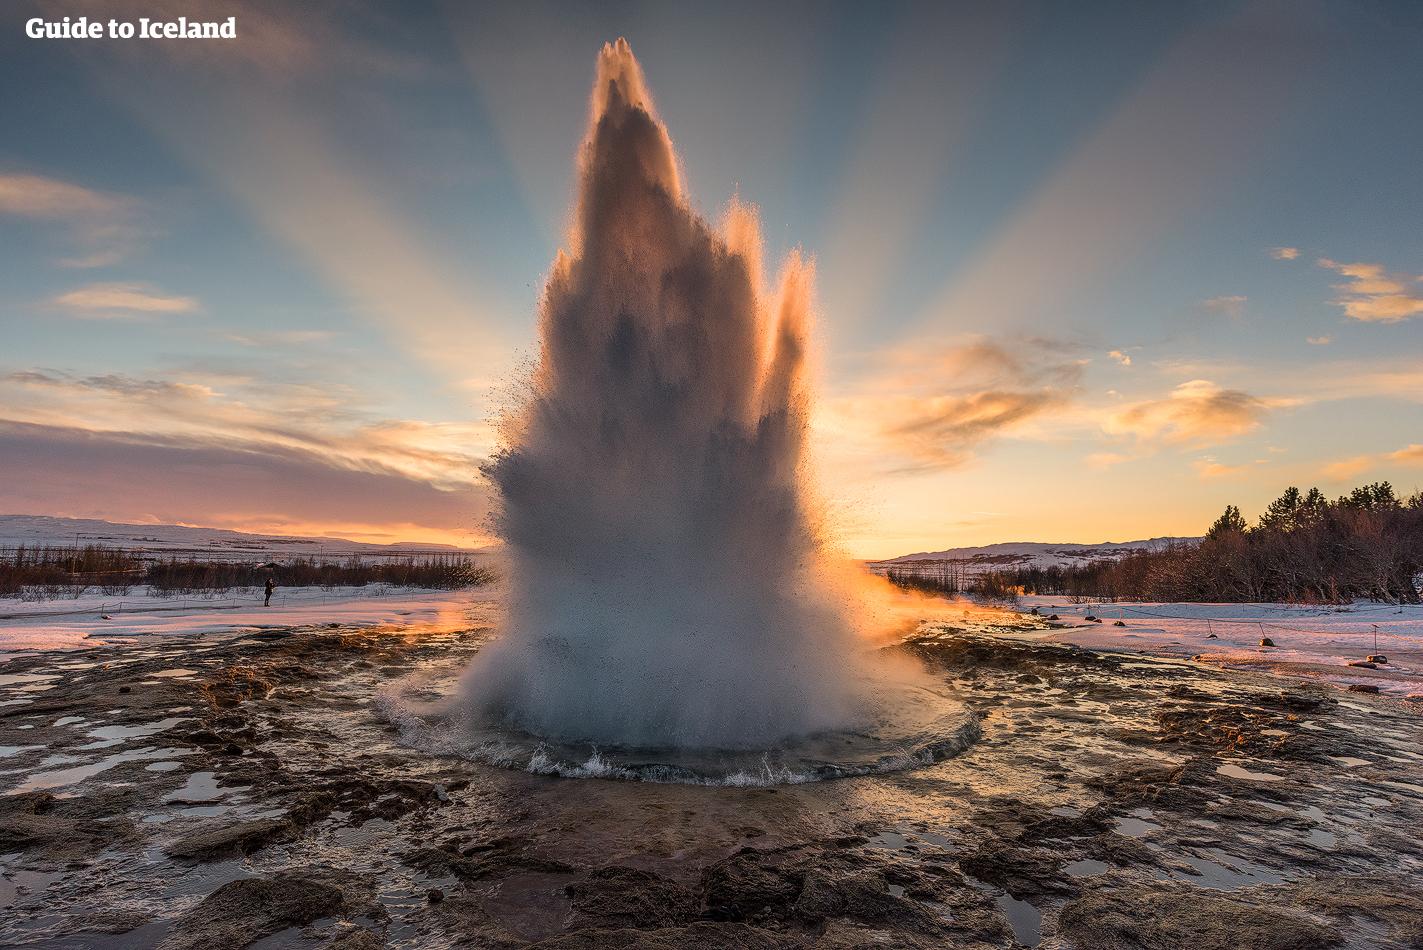 Vädret på Island och bästa tidpunkten för ett besök